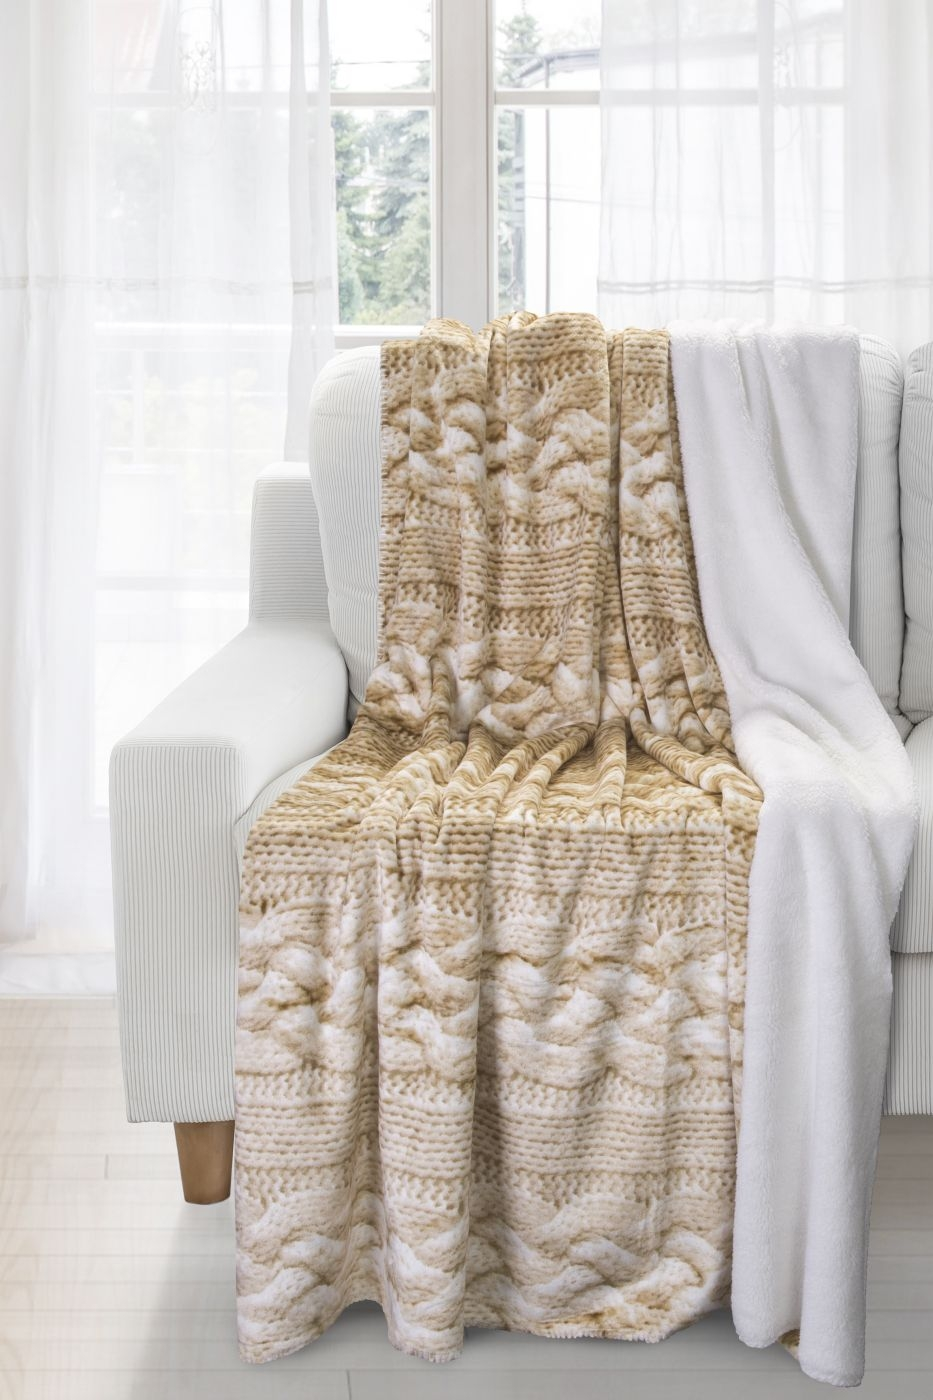 Patura Komfort Beige 170 x 210 cm